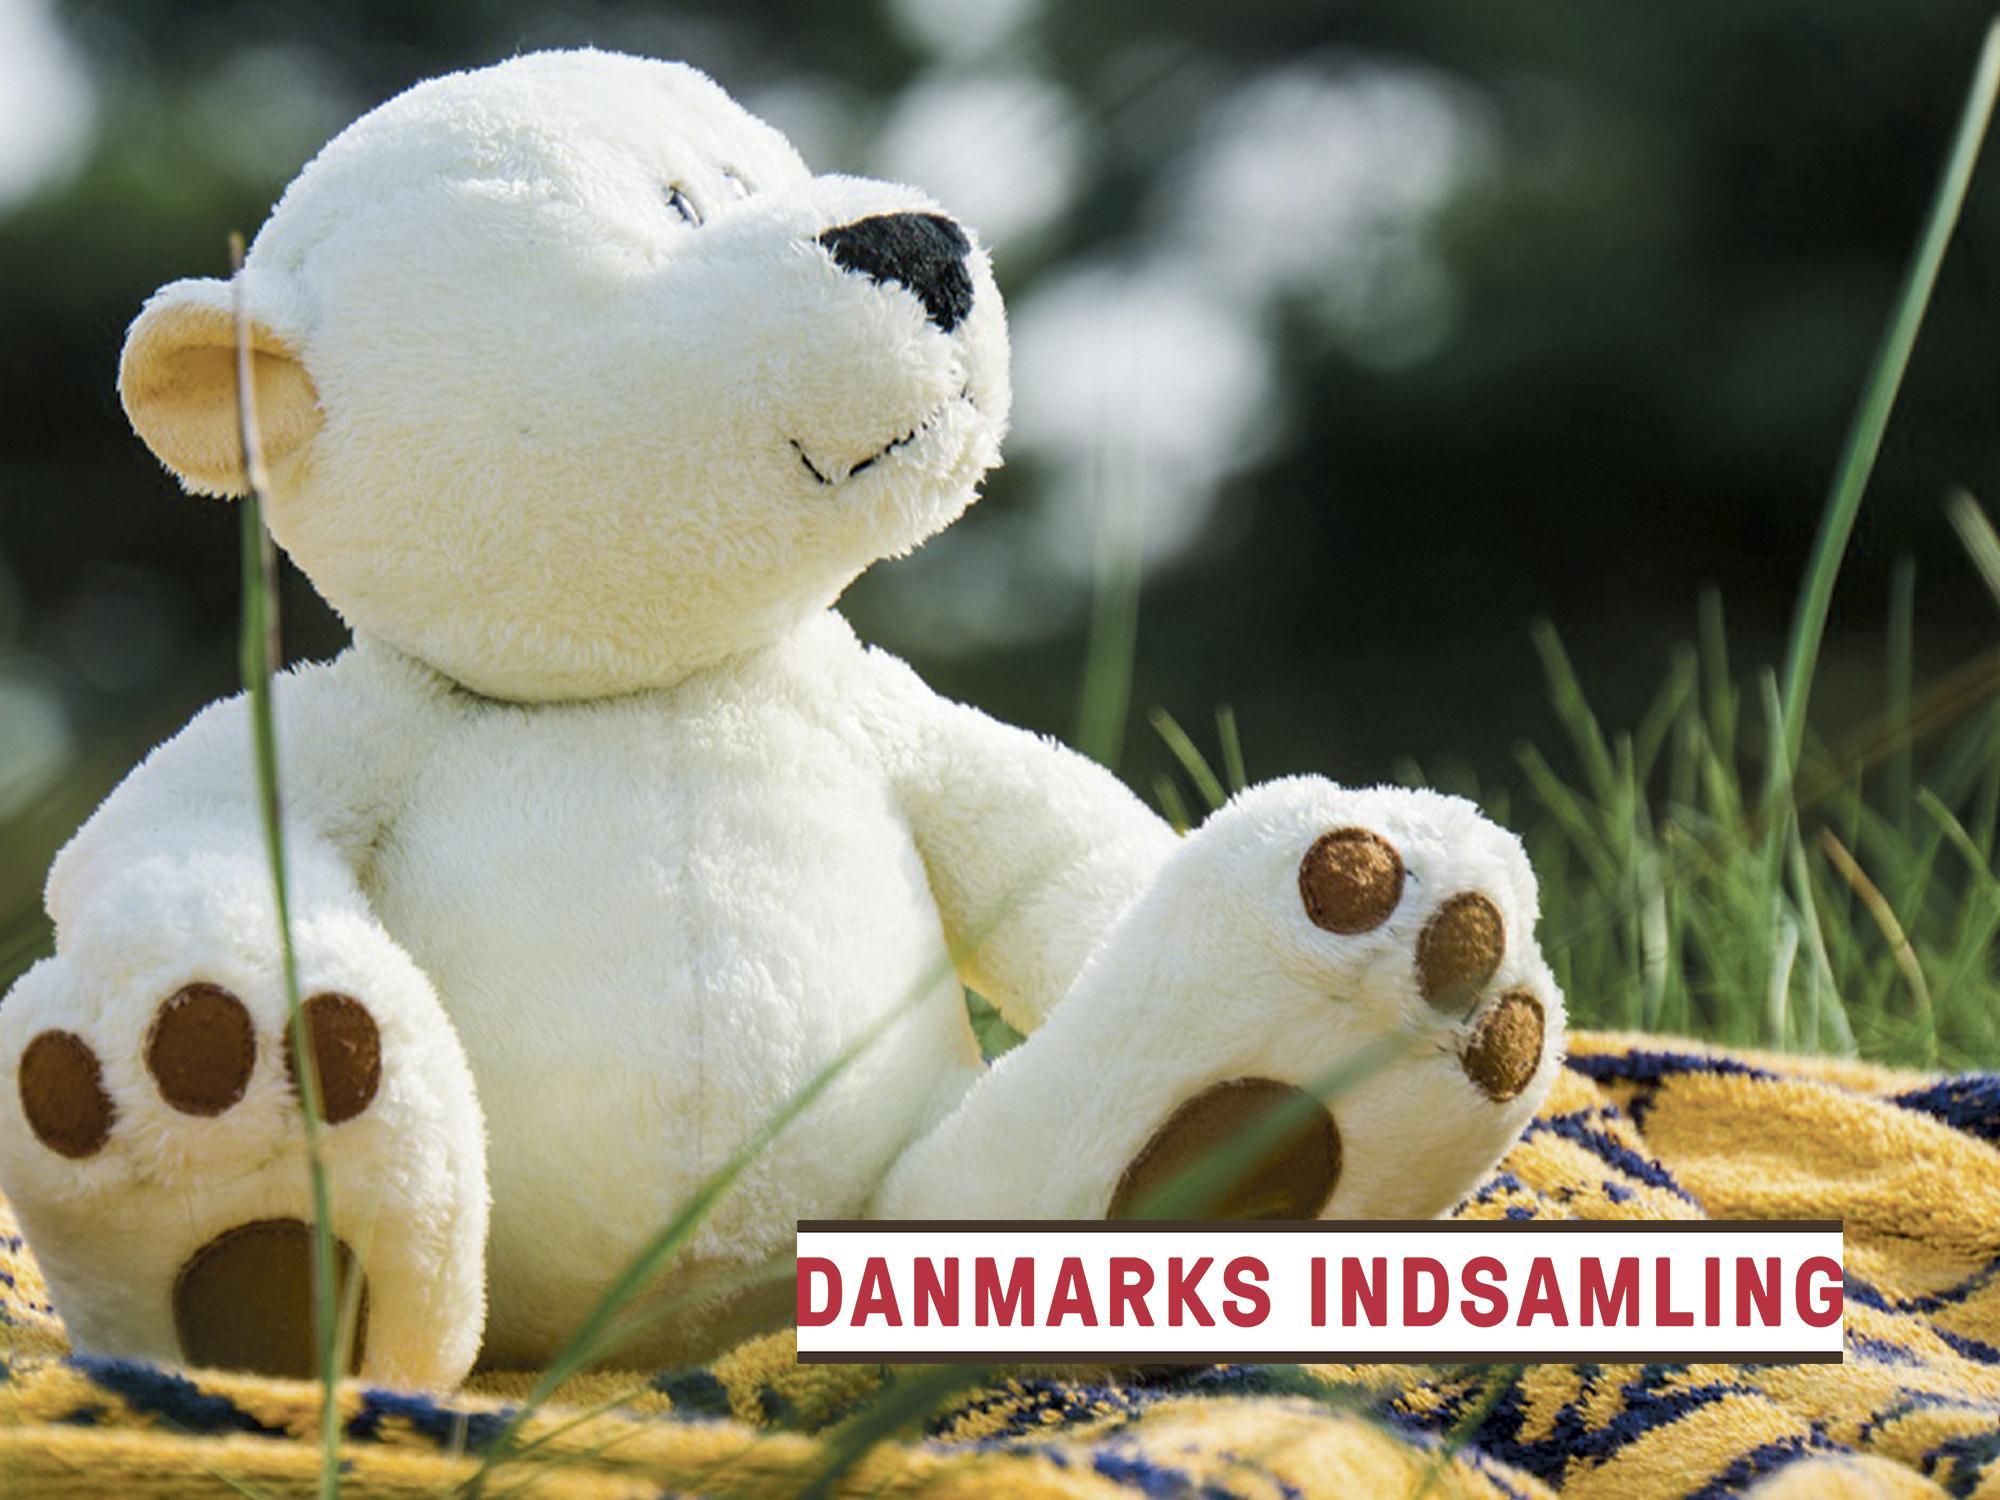 Den gamle bamse kan blive til penge til Danmarks Indsamling i Nordkraft 2. februar. PR-foto